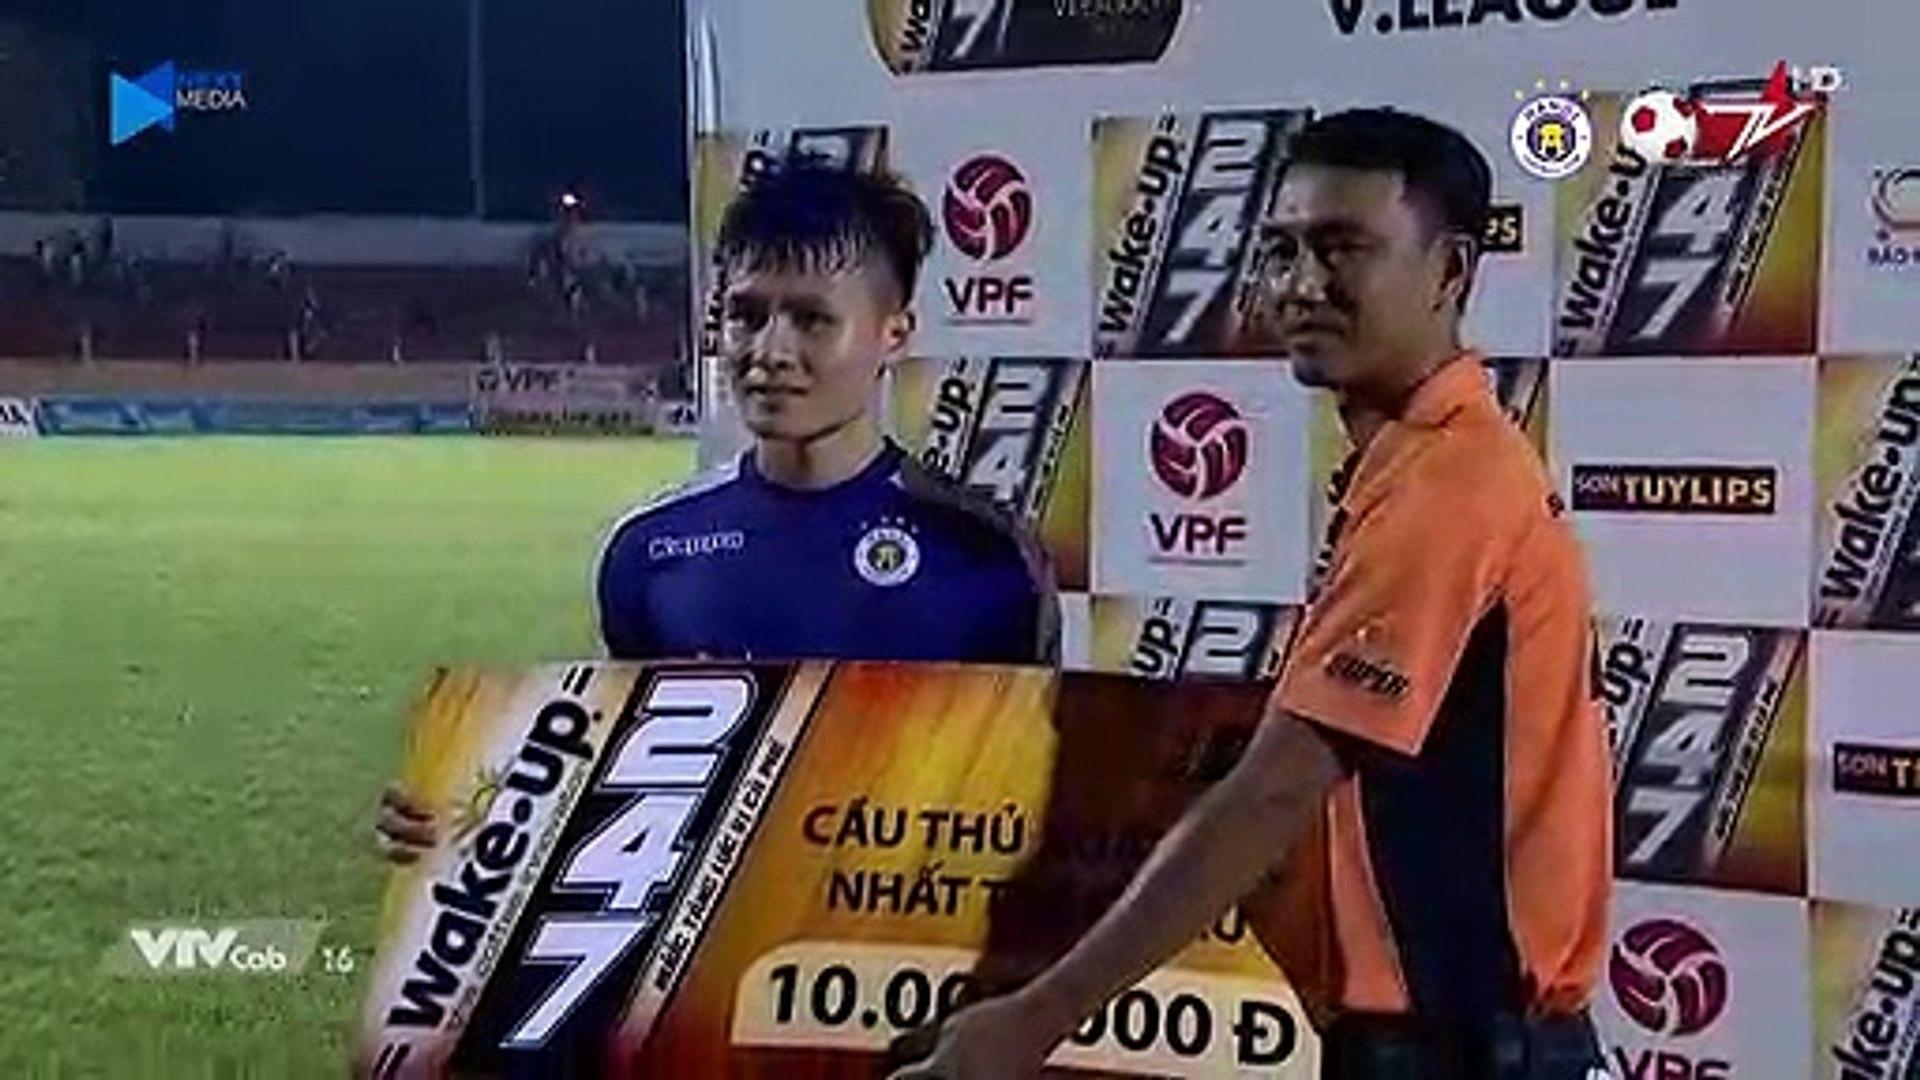 Quảng Hải liên tiếp 2 lần là cầu thủ xuất sắc nhất trận đấu | HANOI FC